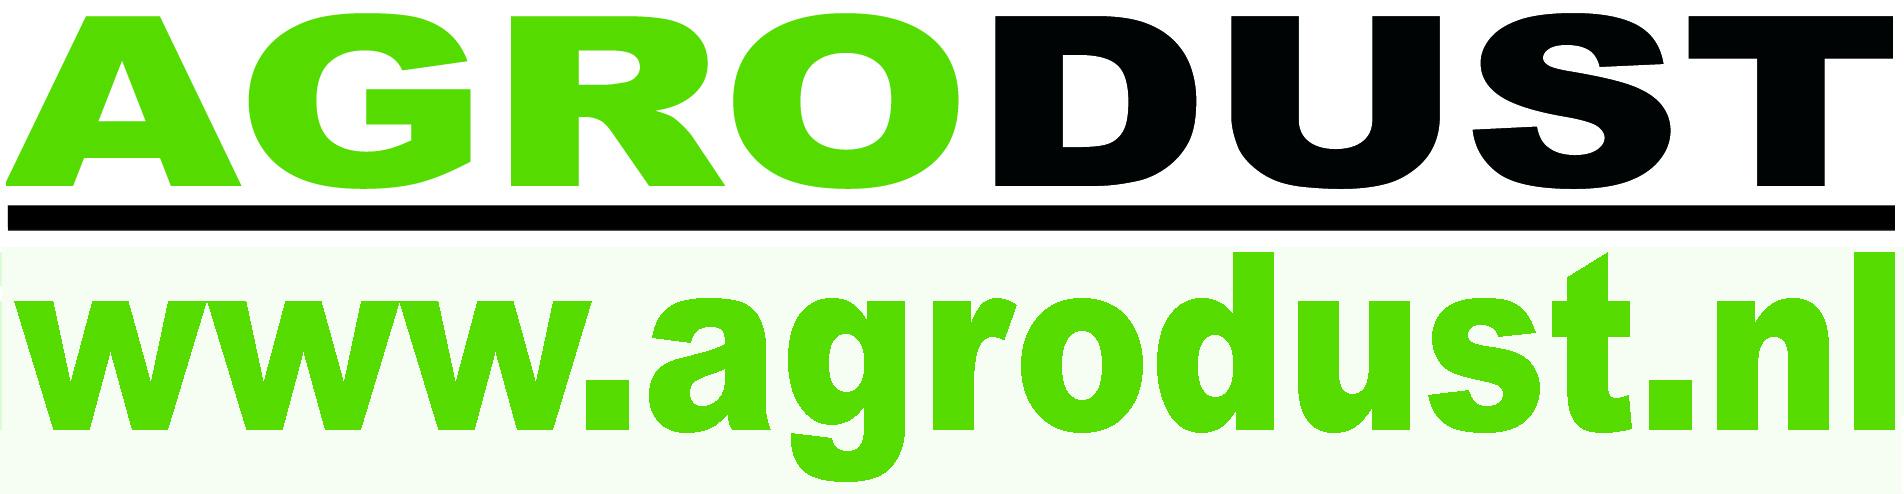 logo-agrodust-2014